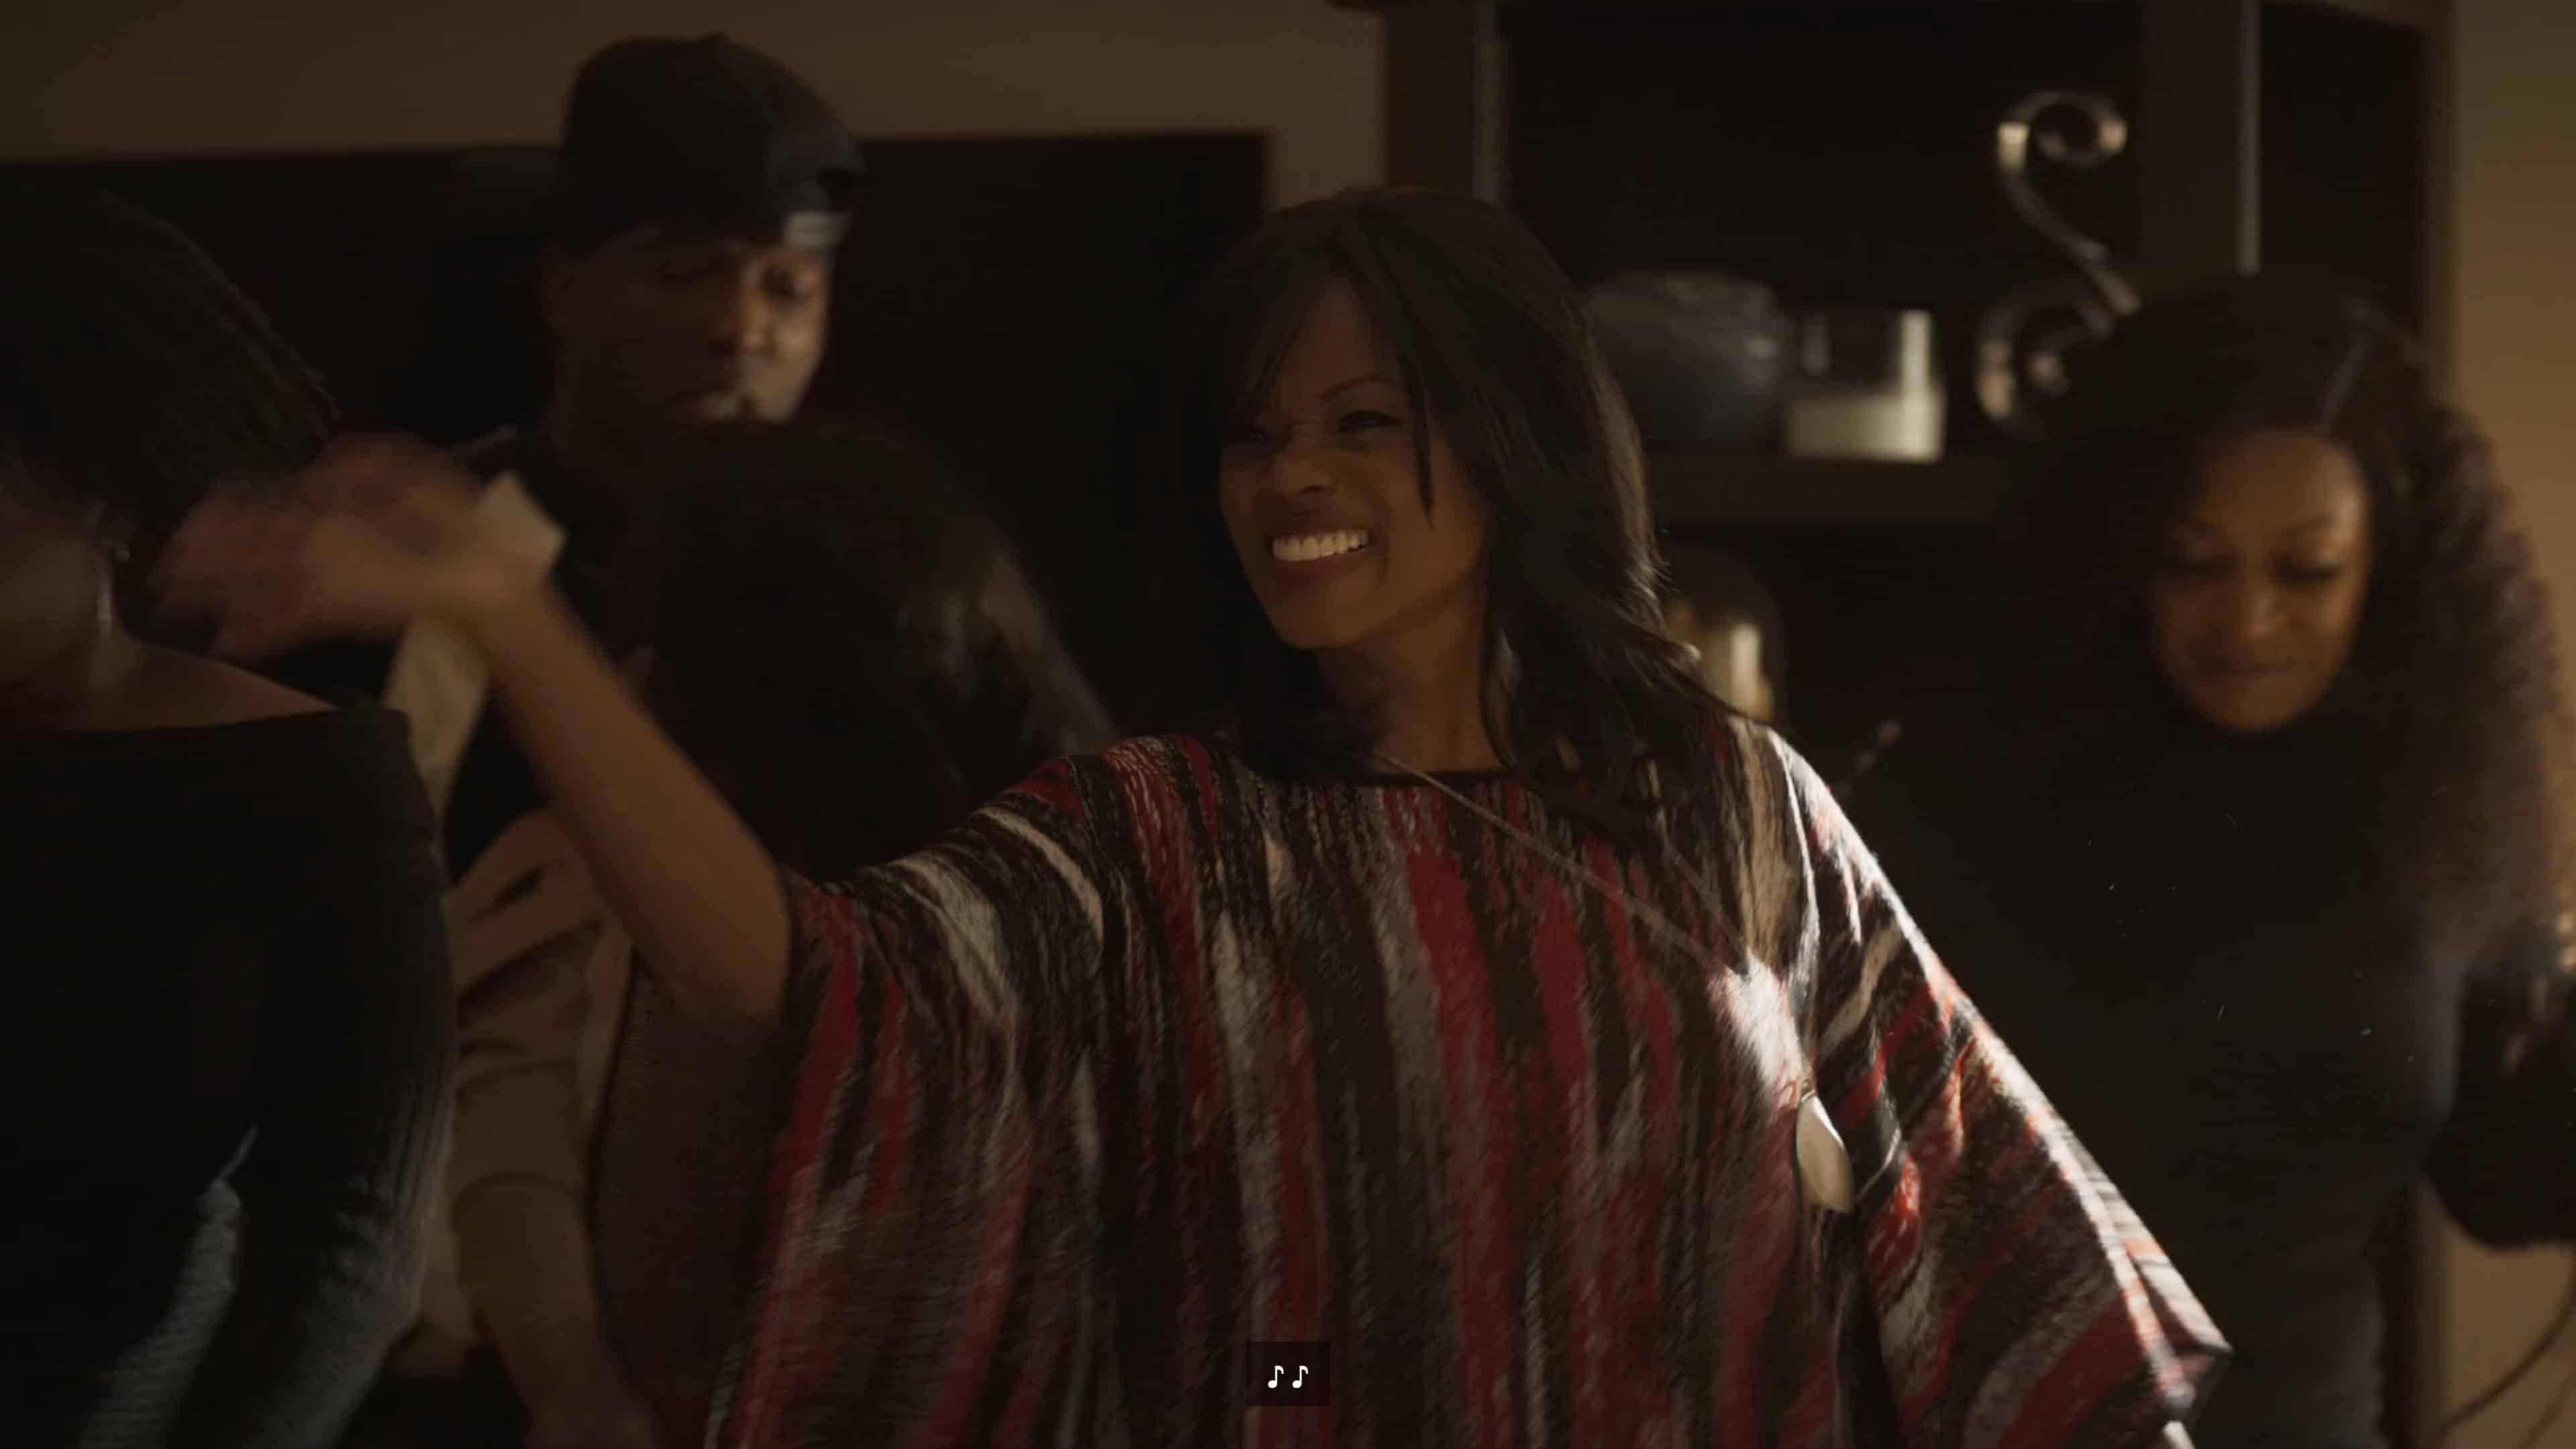 Sheila (Patricia McRae) dancing